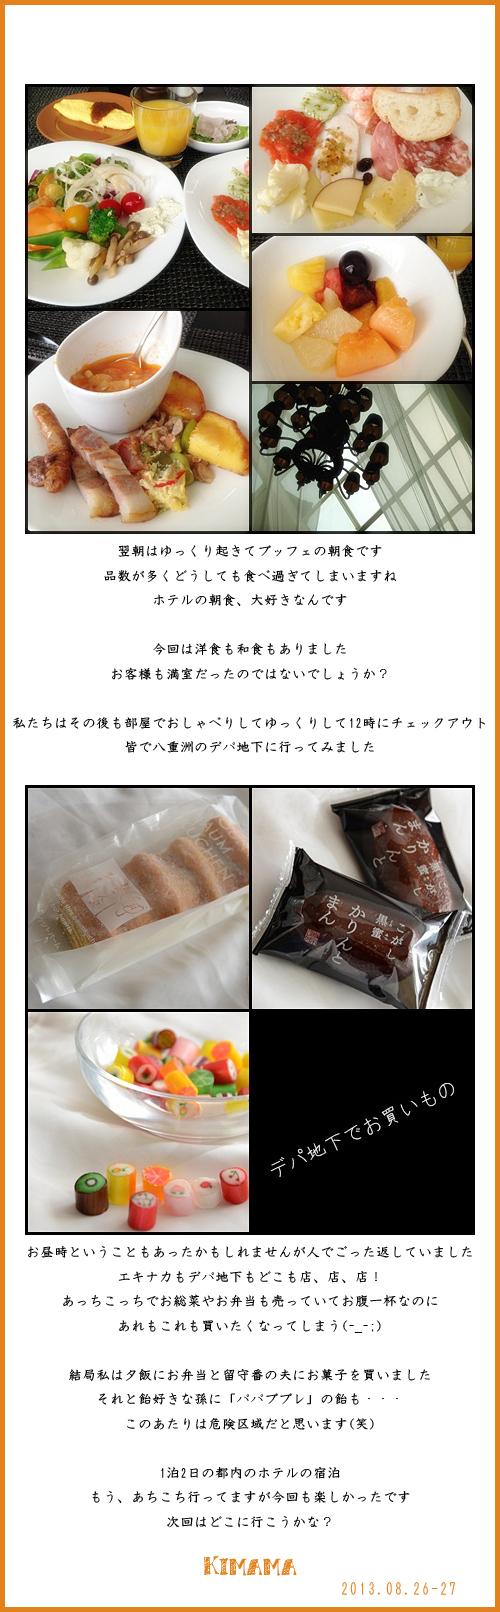 8月29日東京ステーションホテル3